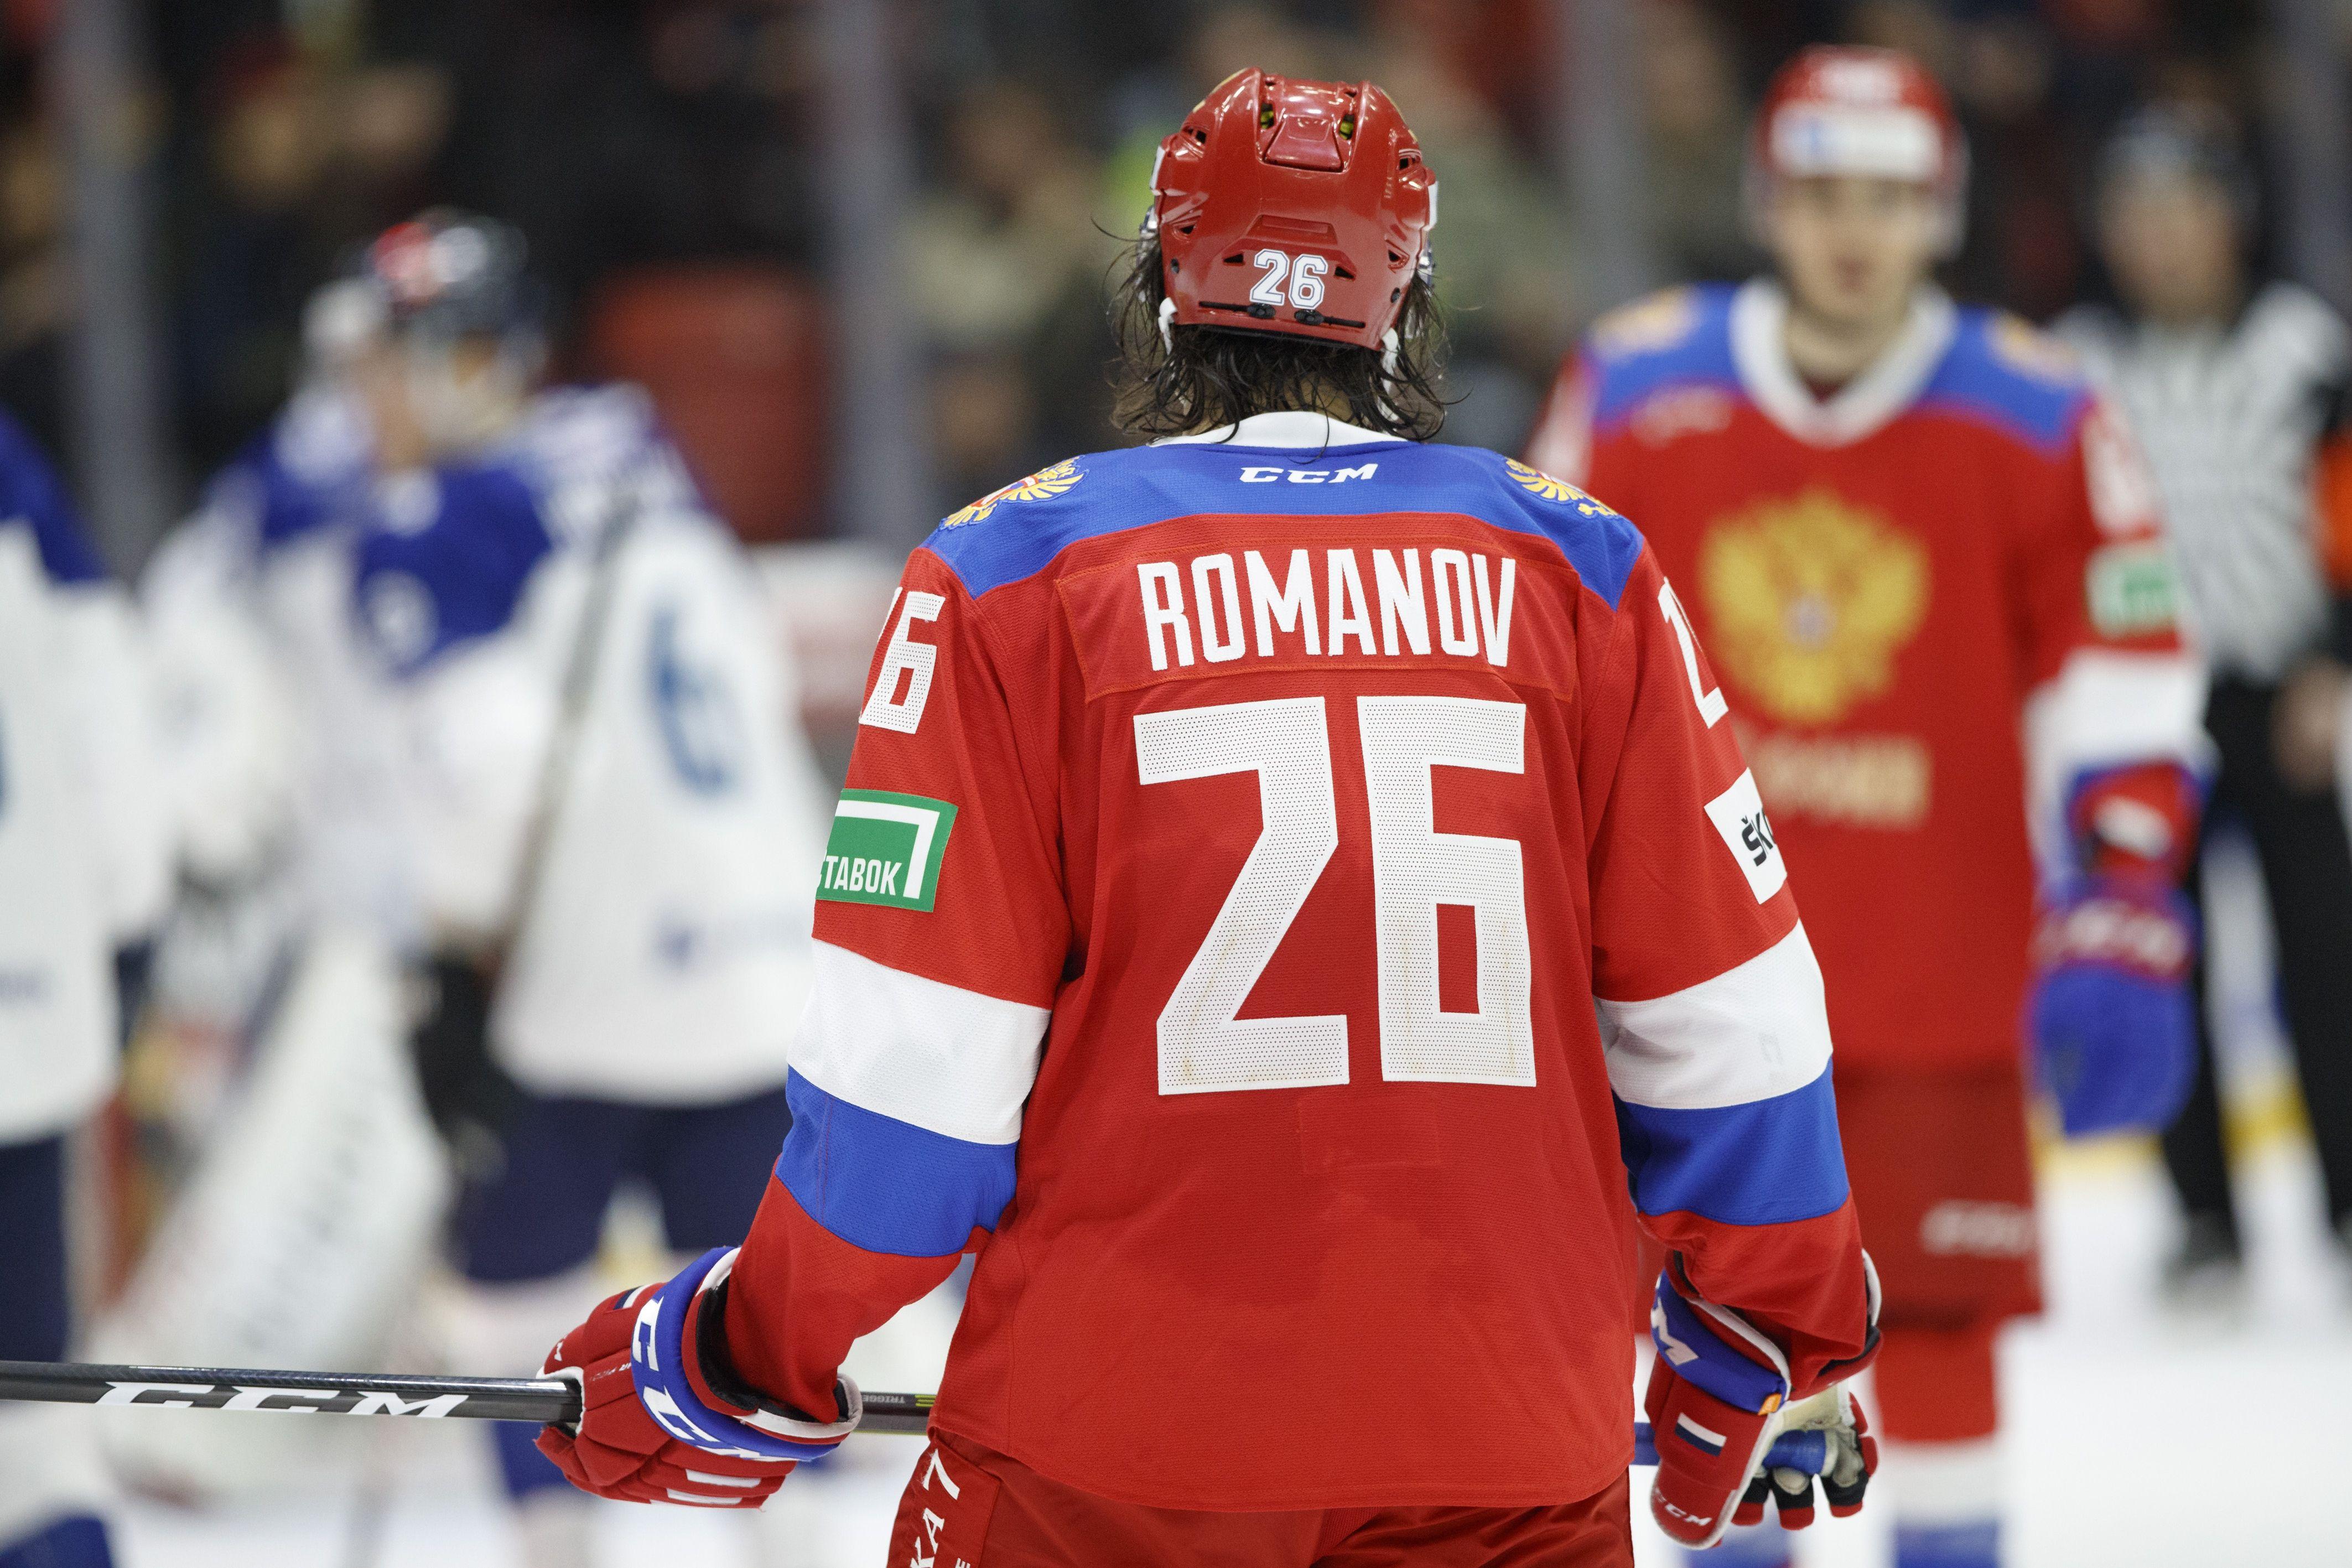 В Канаде оценили уверенное выступление Романова в дебютной игре в НХЛ